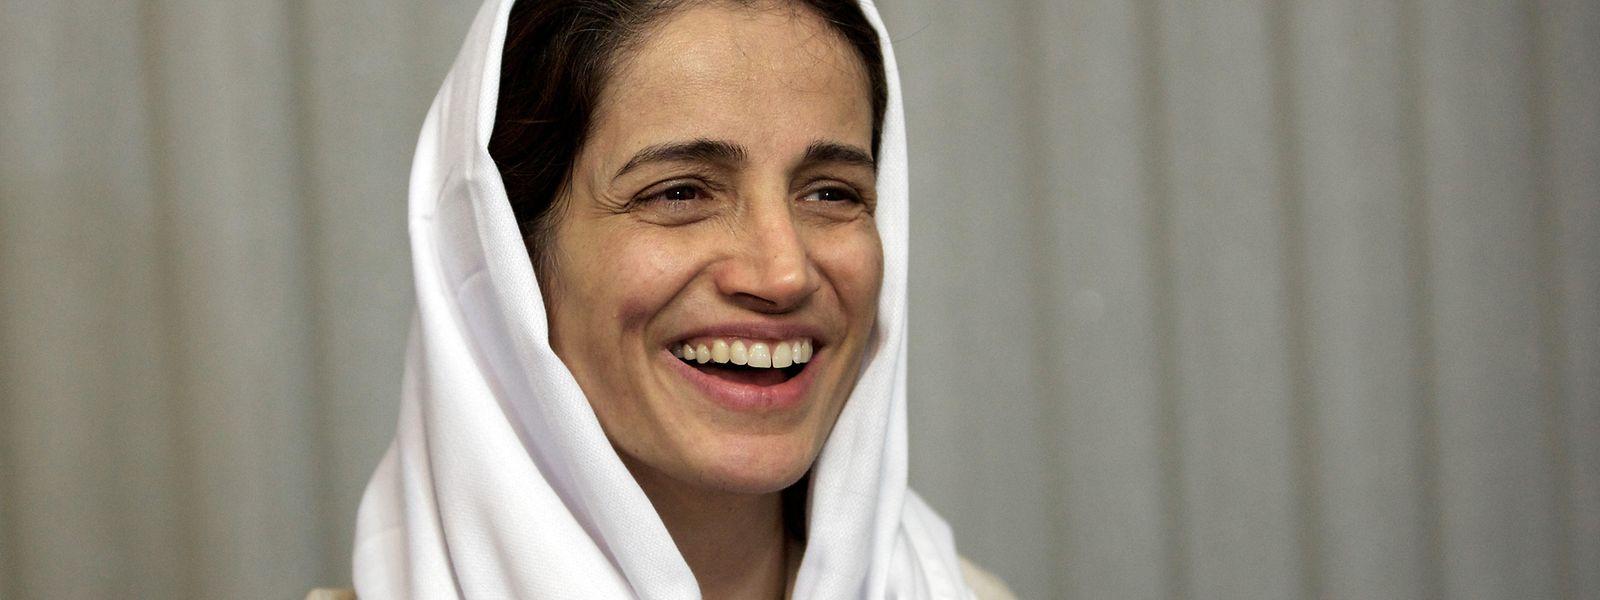 Nasrin Sotudeh, iranische Anwältin, die sich für Rechtsstaatlichkeit und die Rechte politischer Gefangener, Oppositionsaktivisten, Frauen und Kinder einsetzt.